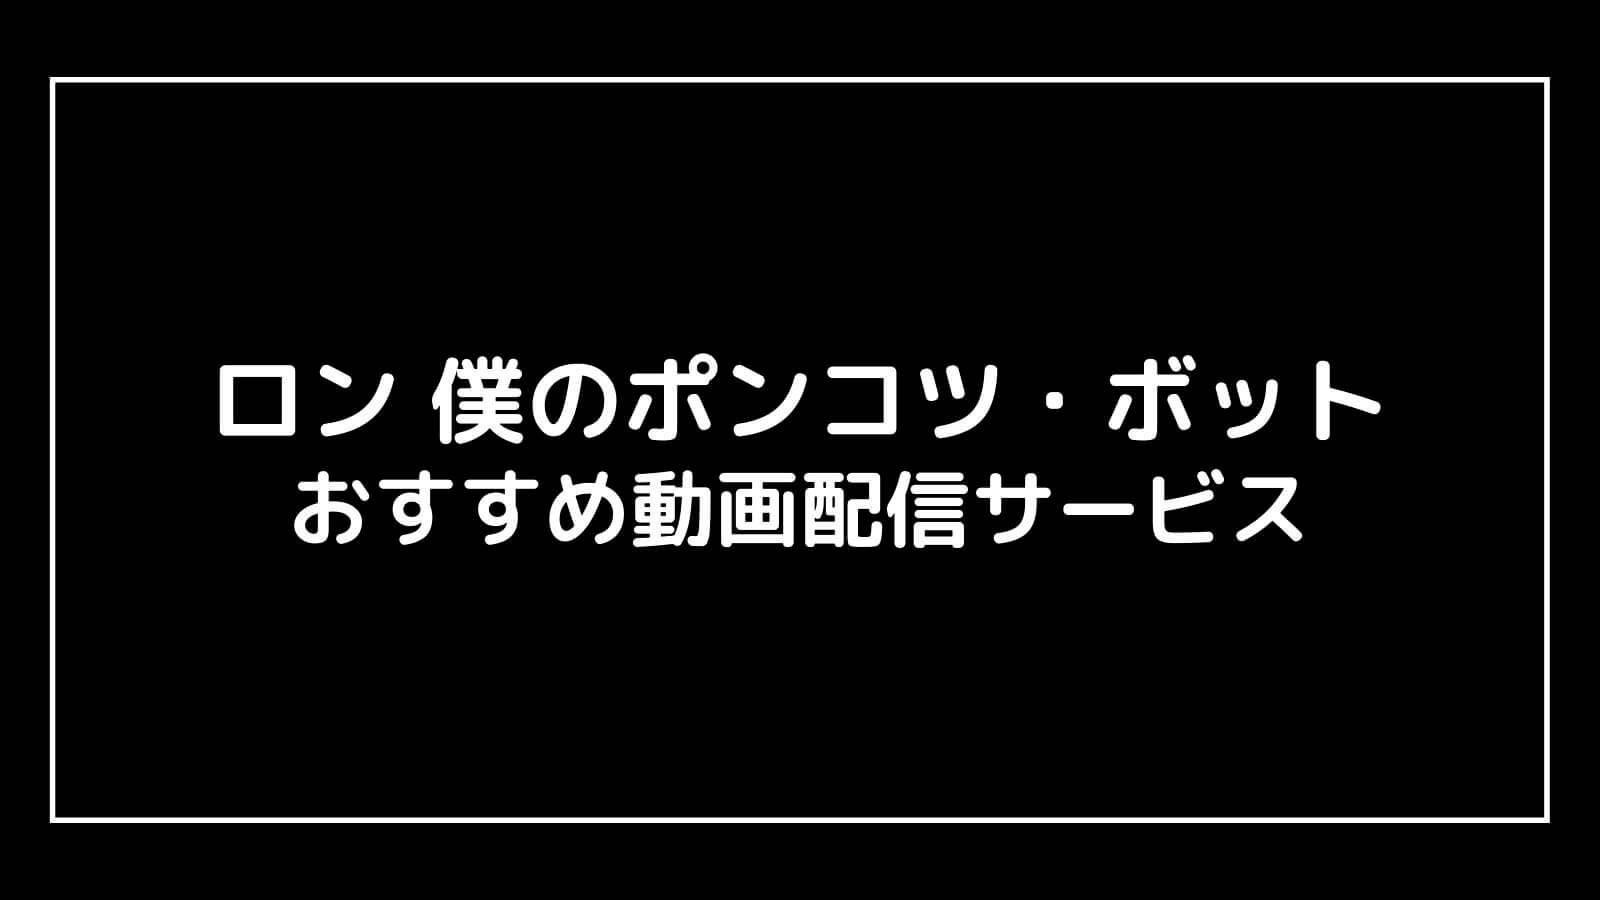 映画『ロン 僕のポンコツ・ボット』を無料視聴できるおすすめ動画配信サービス